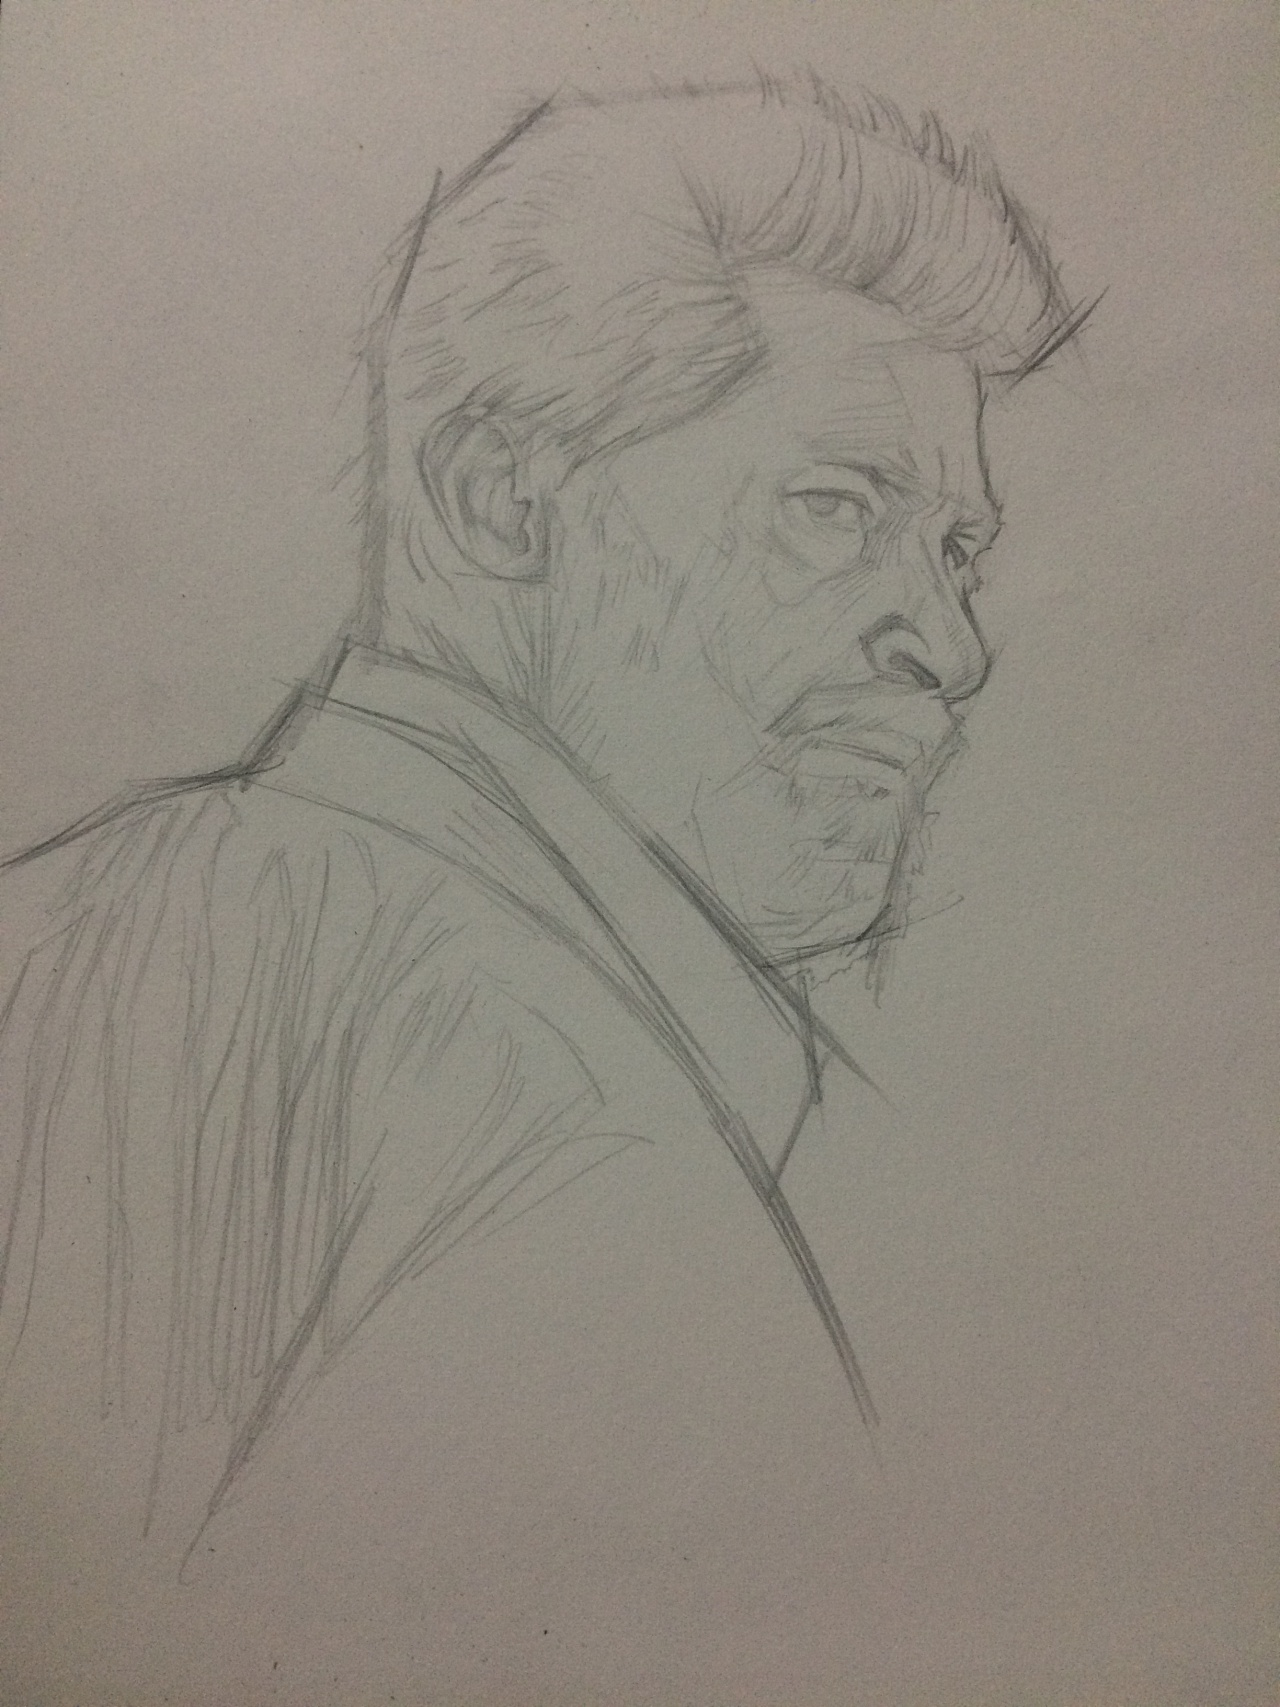 狼的素描画-休·杰克曼17年银幕形象只为金刚狼这一个角色,并且为了演好角色付图片